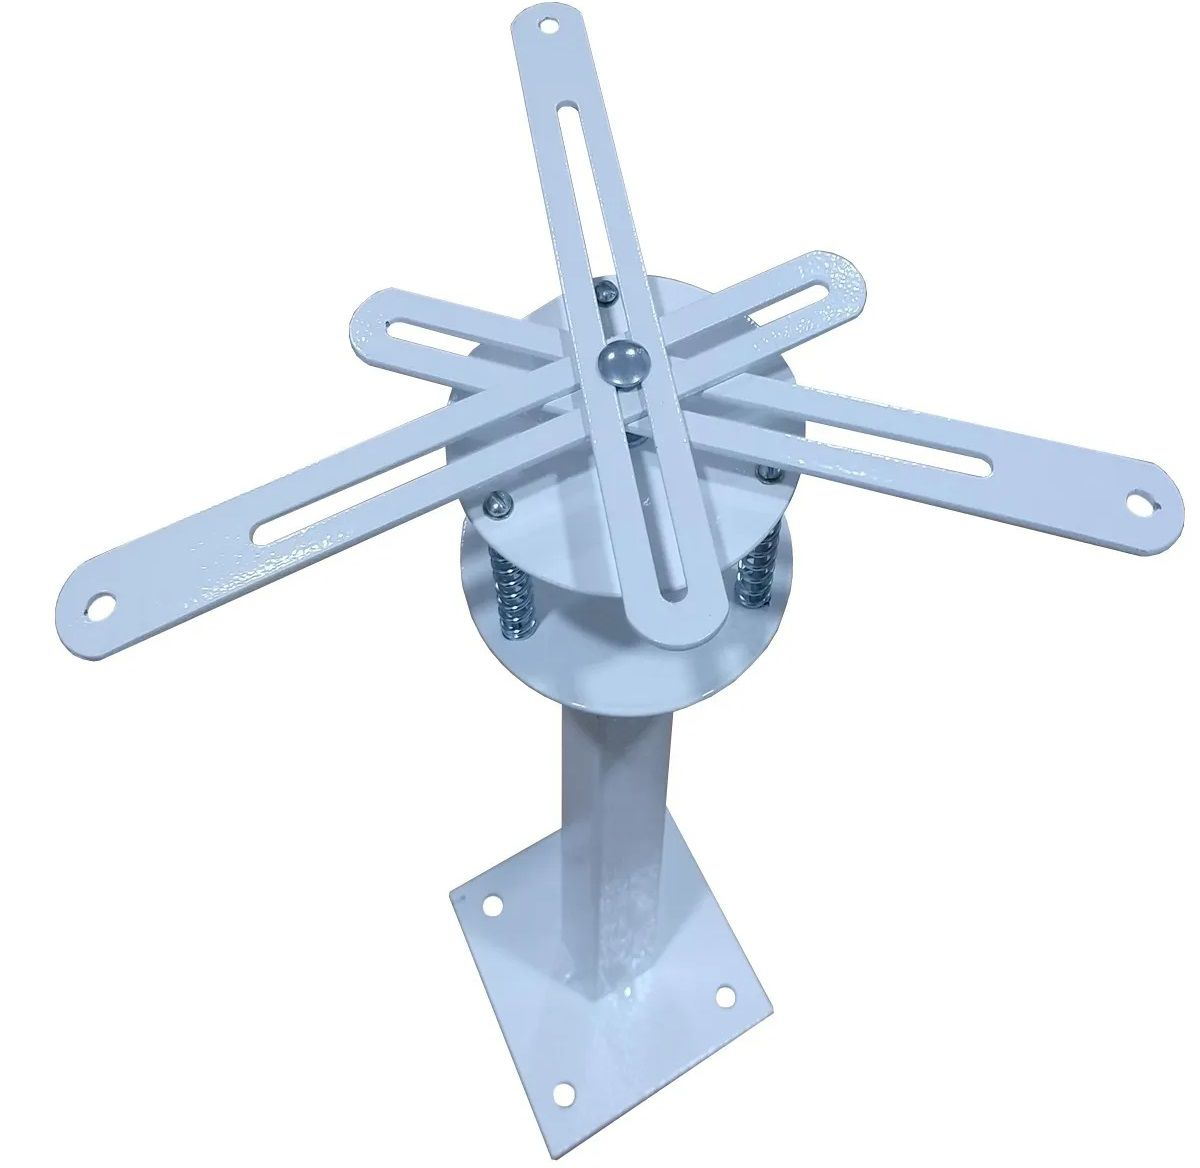 Suporte Universal para Projetores Fixação Parede / Teto FVTP-66